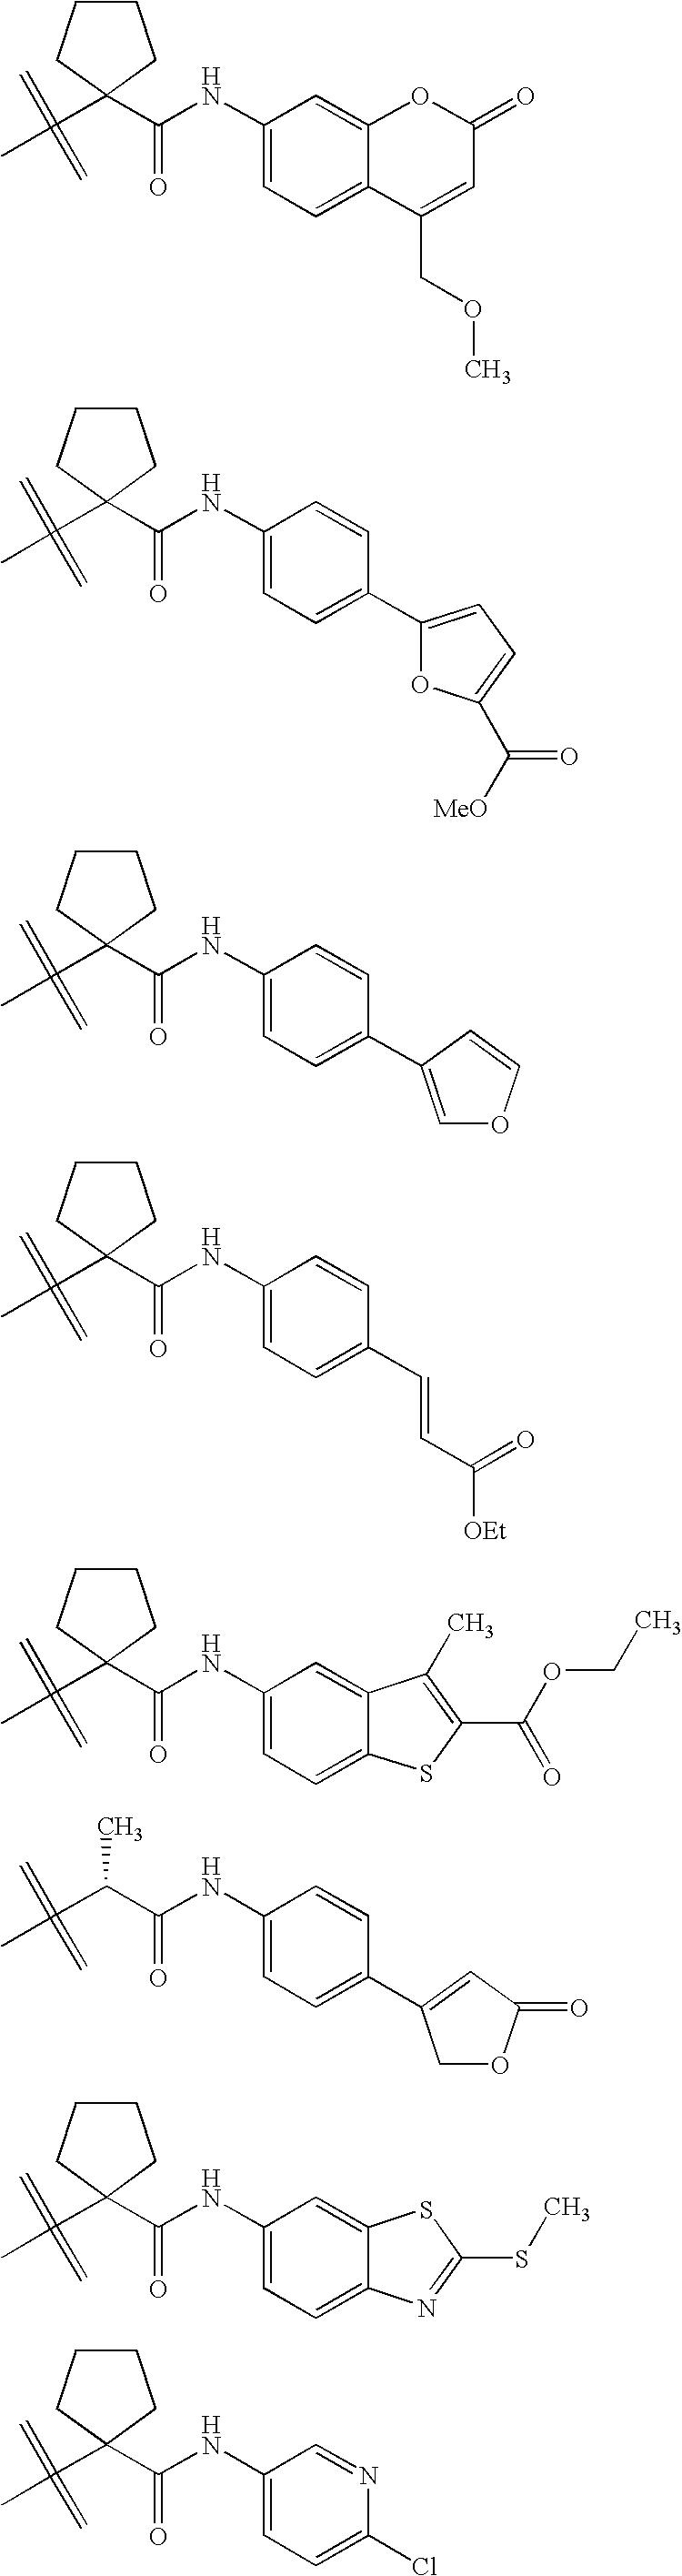 Figure US20070049593A1-20070301-C00139